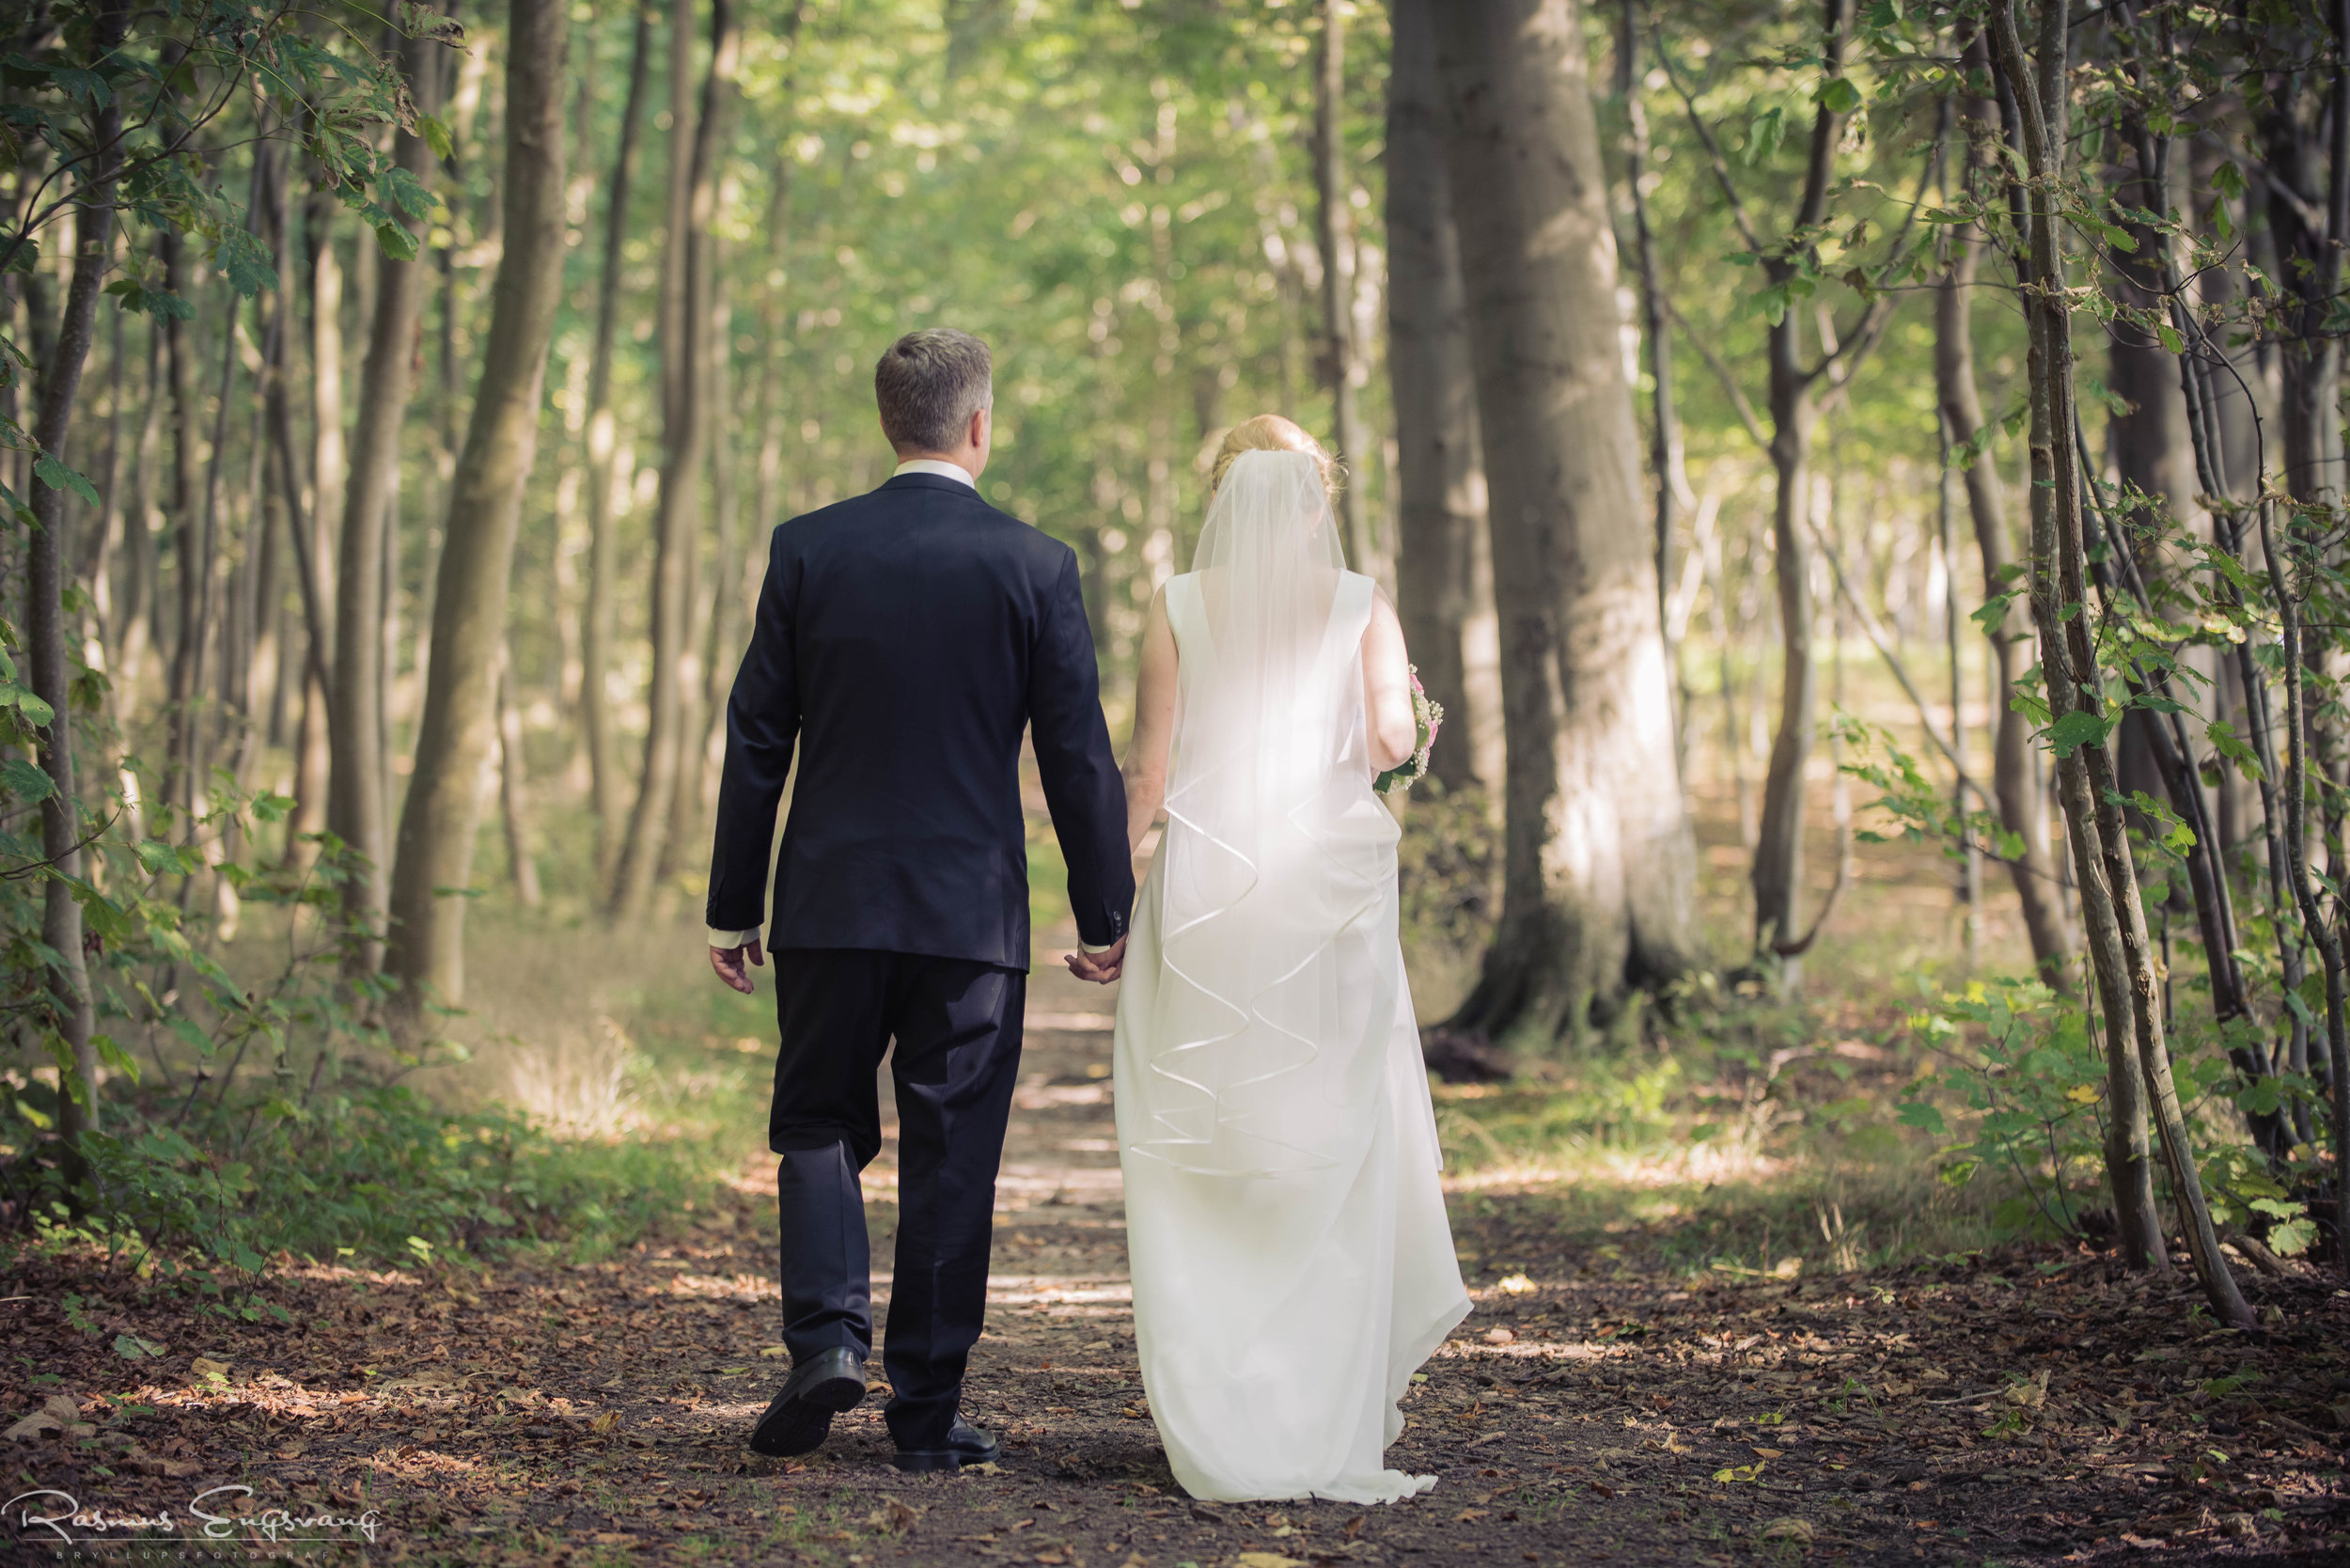 Bryllupsfotograf_Sjælland_Skælskør_Marvede_Fjordbakken-209.jpg